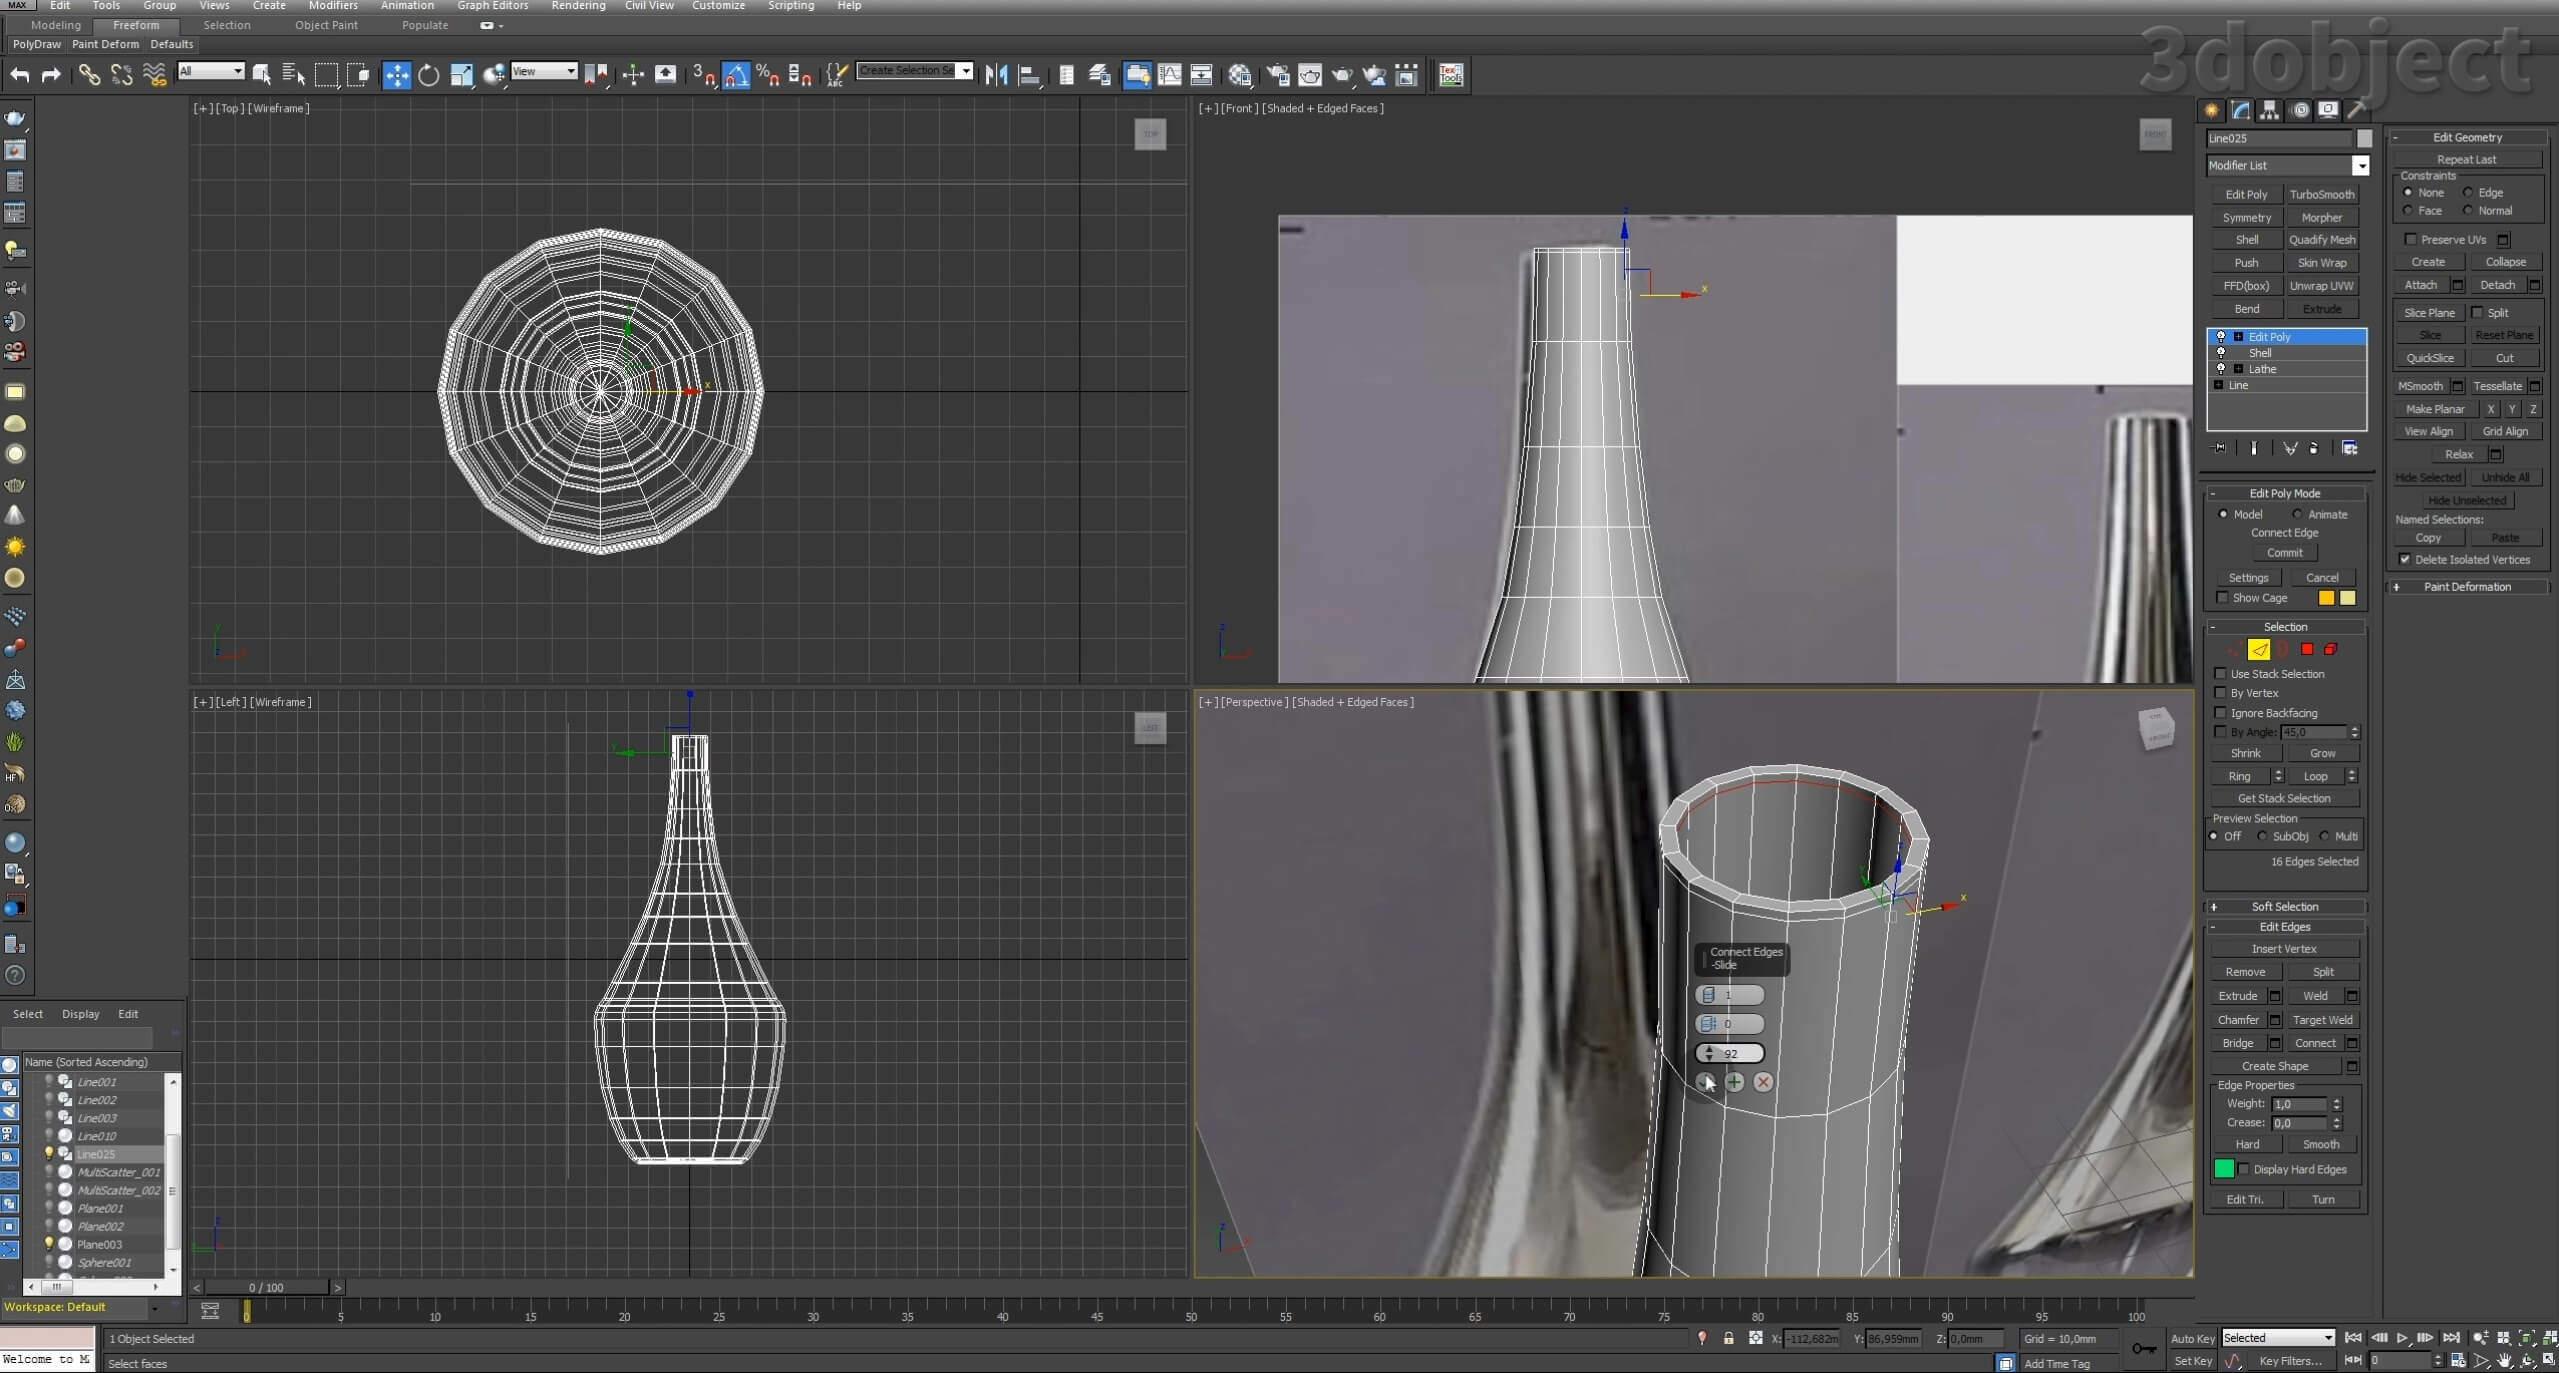 Моделирование вазы. Текстурирование в 3d max. Gradient map = Gradient mask_3